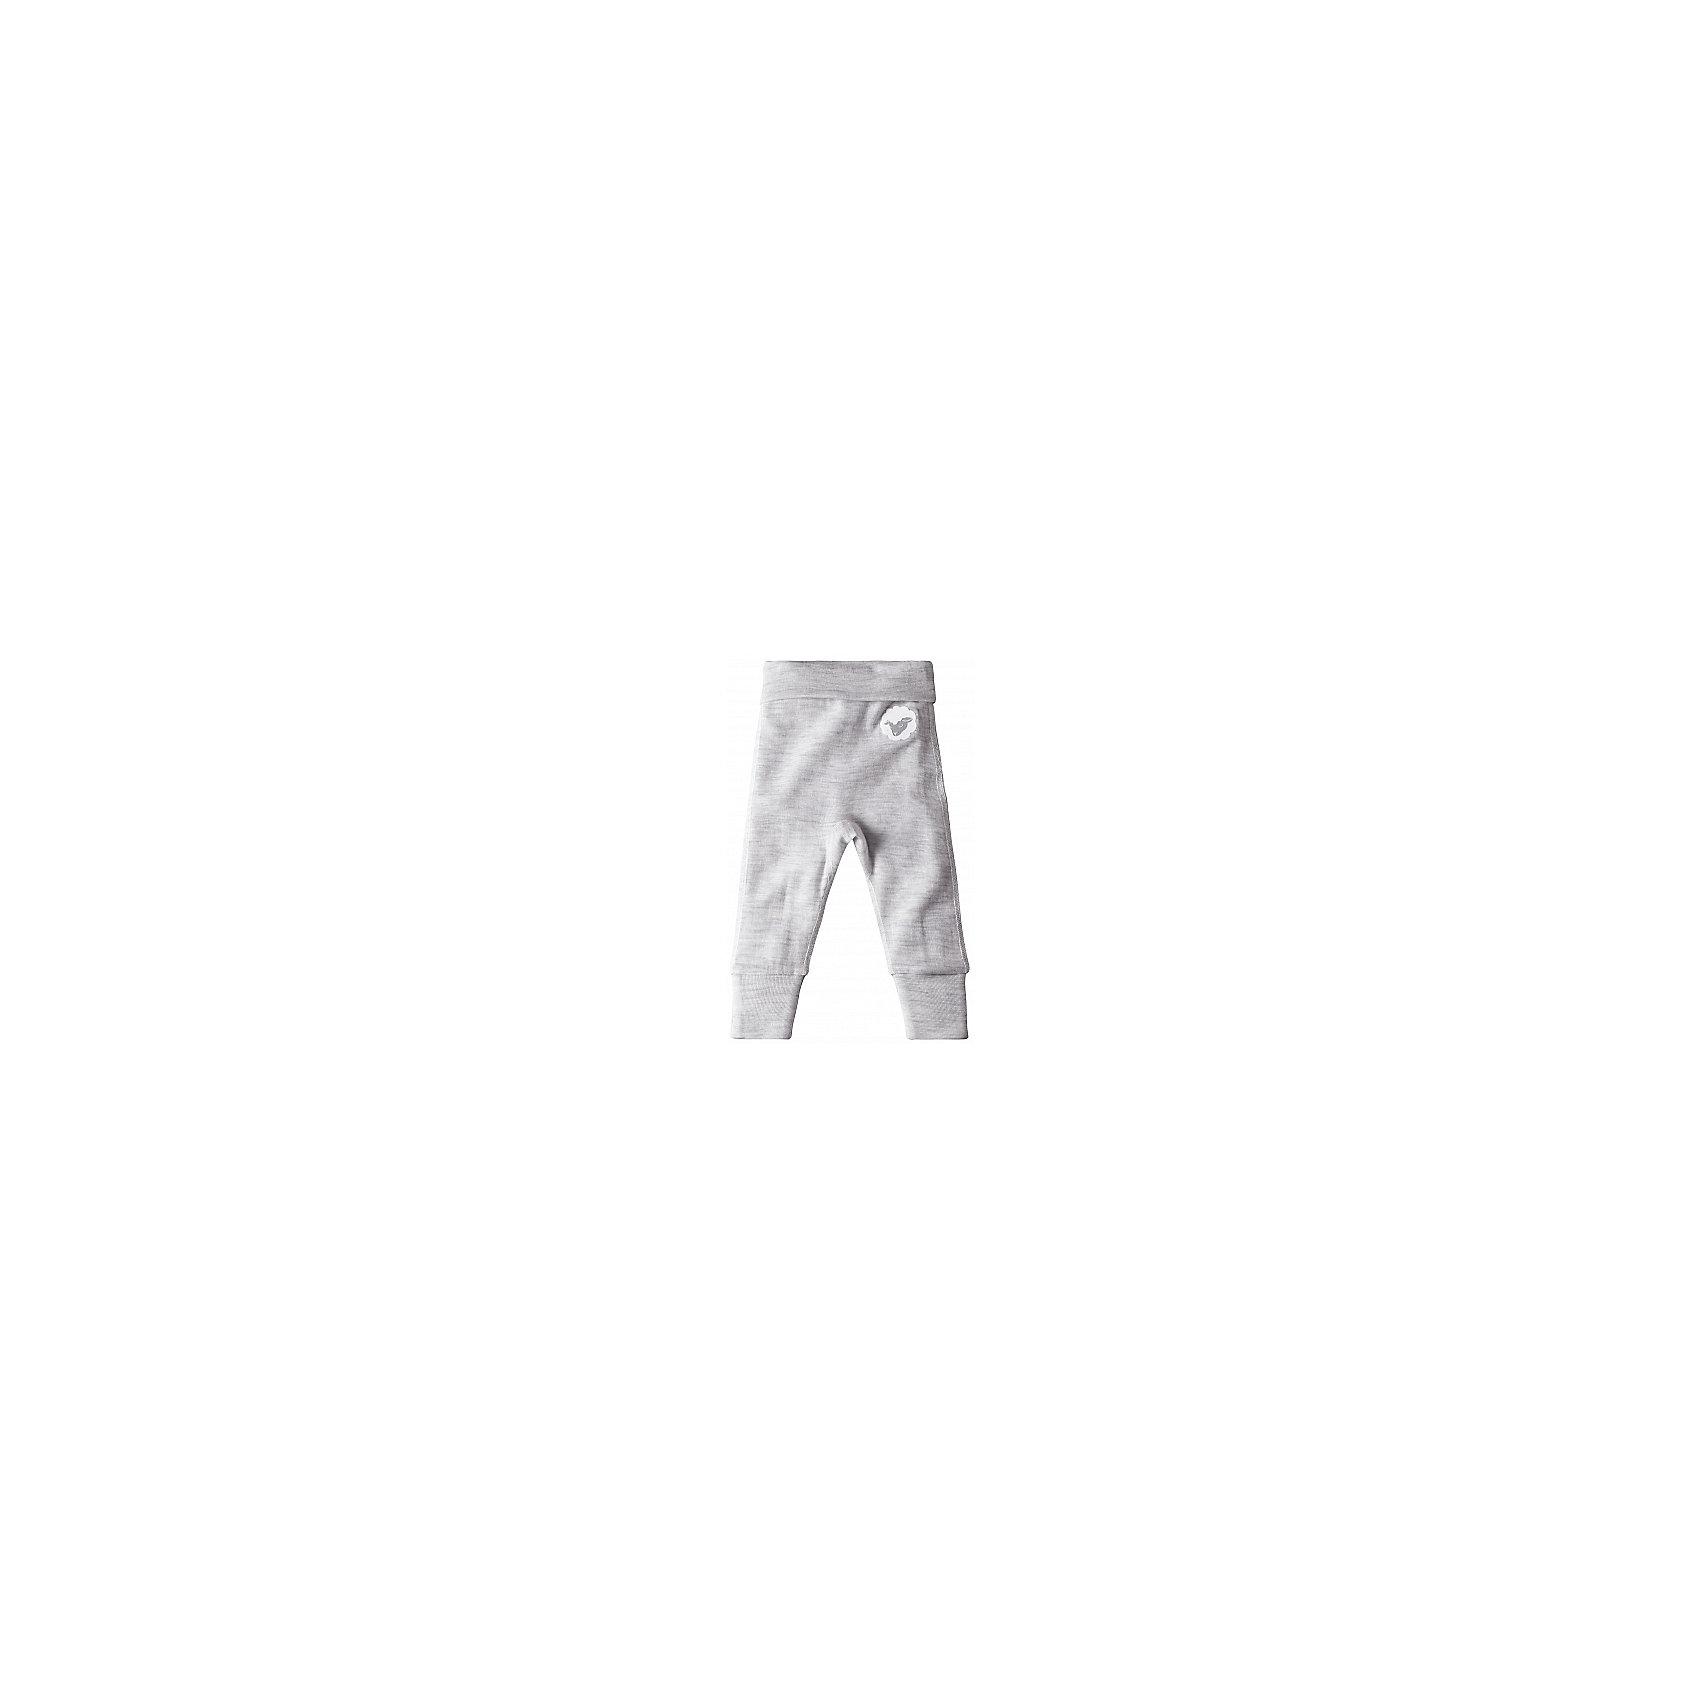 Брюки ReimaЭти красивые и мягкие шерстяные брючки сделаны из ткани, в состав которой входит мериносовая шерсть и Tencel®, благодаря чему изделие функционально и долго не теряет вид. Материал, в состав которого входят мягкая мериносовая шерсть и Tencel®, прекрасно контролирует температуру, поэтому брючки подходят для всех сезонов. Материал сохраняет форму даже после нескольких стирок. Удобный высокий пояс из эластичной вязаной резинки и подгибающиеся штанины в размерах 50-60 см обеспечат комфортную посадку по фигуре и немного свободного места на вырост. Мягкие плоские швы не натрут нежную кожу, и ребёнок будет чувствовать себя комфортно.<br><br>Шерстяные брючки для самых маленьких<br>Сочетание мягкой мериносовой шерсти и Tencel® контролирует температуру<br>Удобный высокий пояс из эластичной вязаной резинки<br>Подгибающиеся штанины в размерах 50-62 см<br>Мягкие плоские швы для большего удобства, никакого натирания<br><br>Состав:<br>72% Шерсть 28% Лиоцелл<br><br><br>Брюки Reima (Рейма) можно купить в нашем магазине.<br><br>Ширина мм: 215<br>Глубина мм: 88<br>Высота мм: 191<br>Вес г: 336<br>Цвет: белый<br>Возраст от месяцев: 0<br>Возраст до месяцев: 3<br>Пол: Унисекс<br>Возраст: Детский<br>Размер: 56,74,62,68,80<br>SKU: 4208275